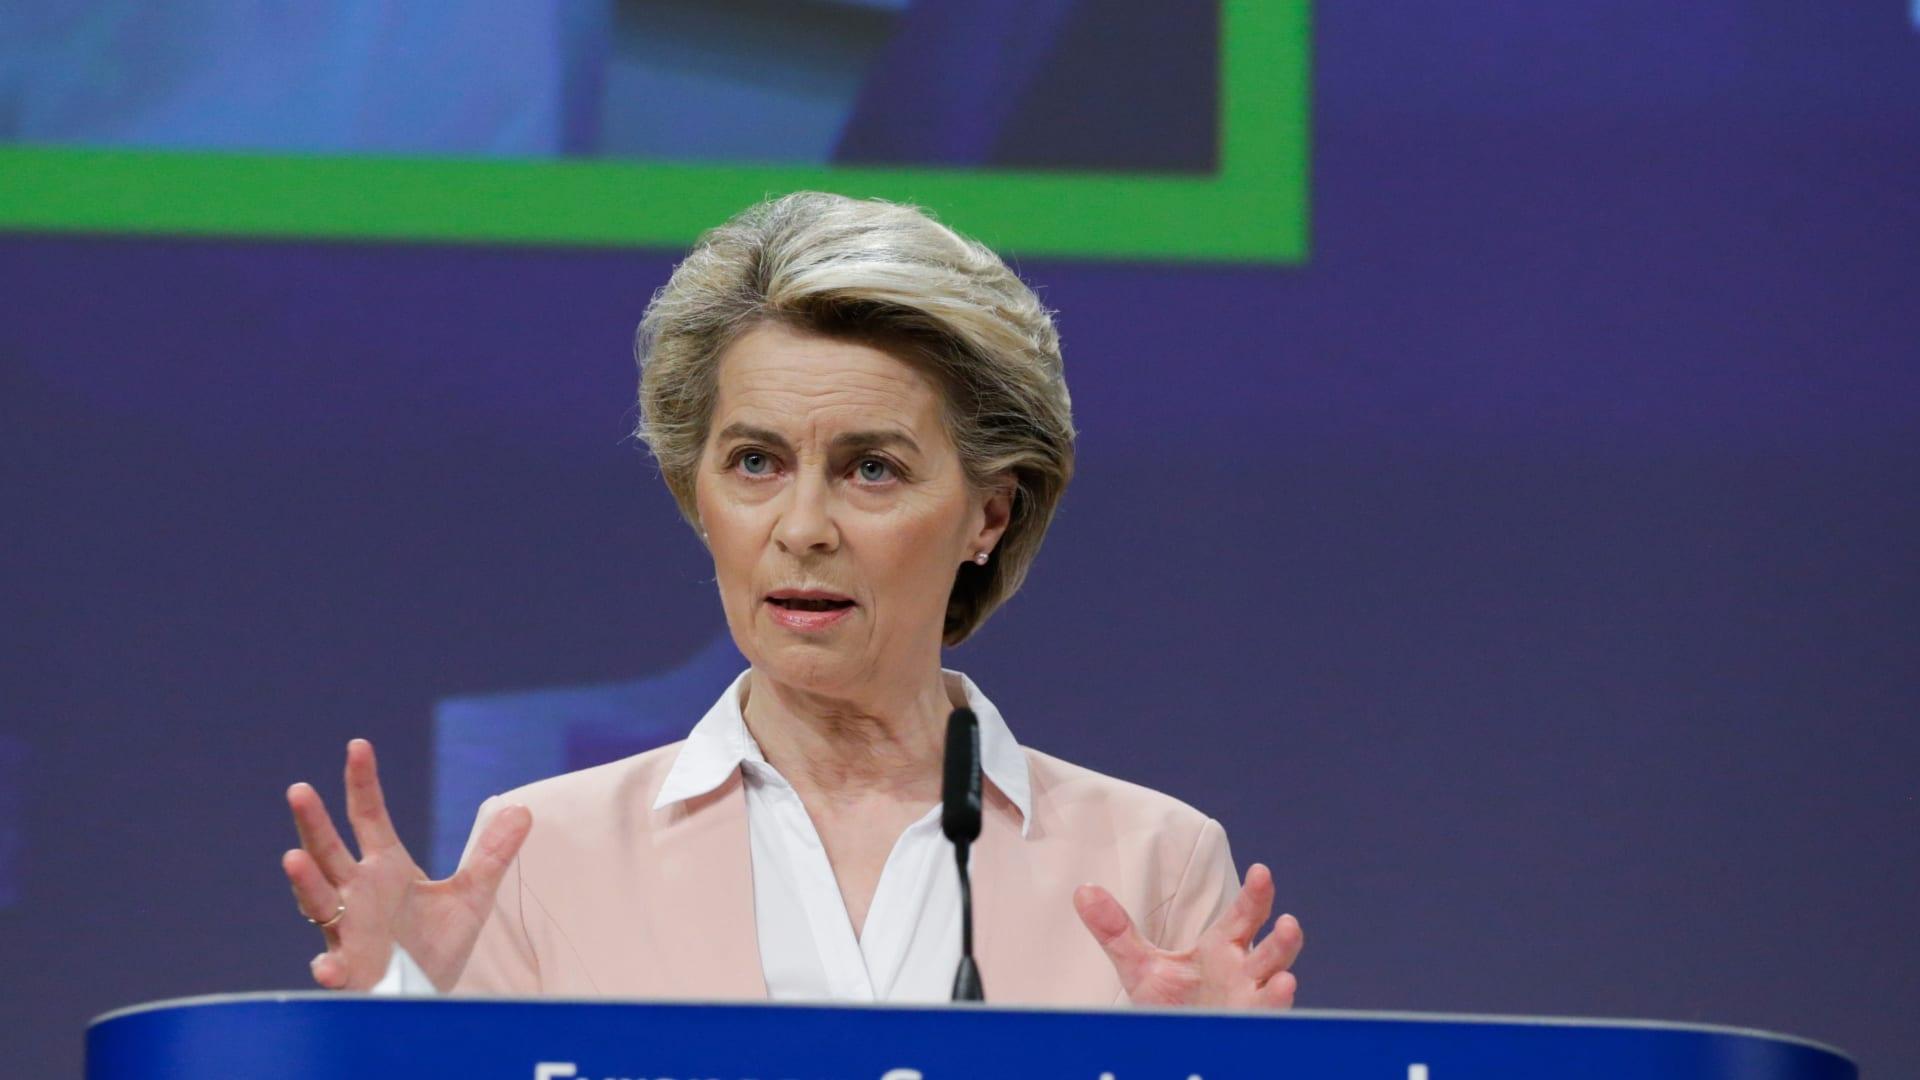 اتفاق أمريكا والاتحاد الأوروبي على تعليق الرسوم الجمركية بشأن نزاع بوينغ وإيرباص